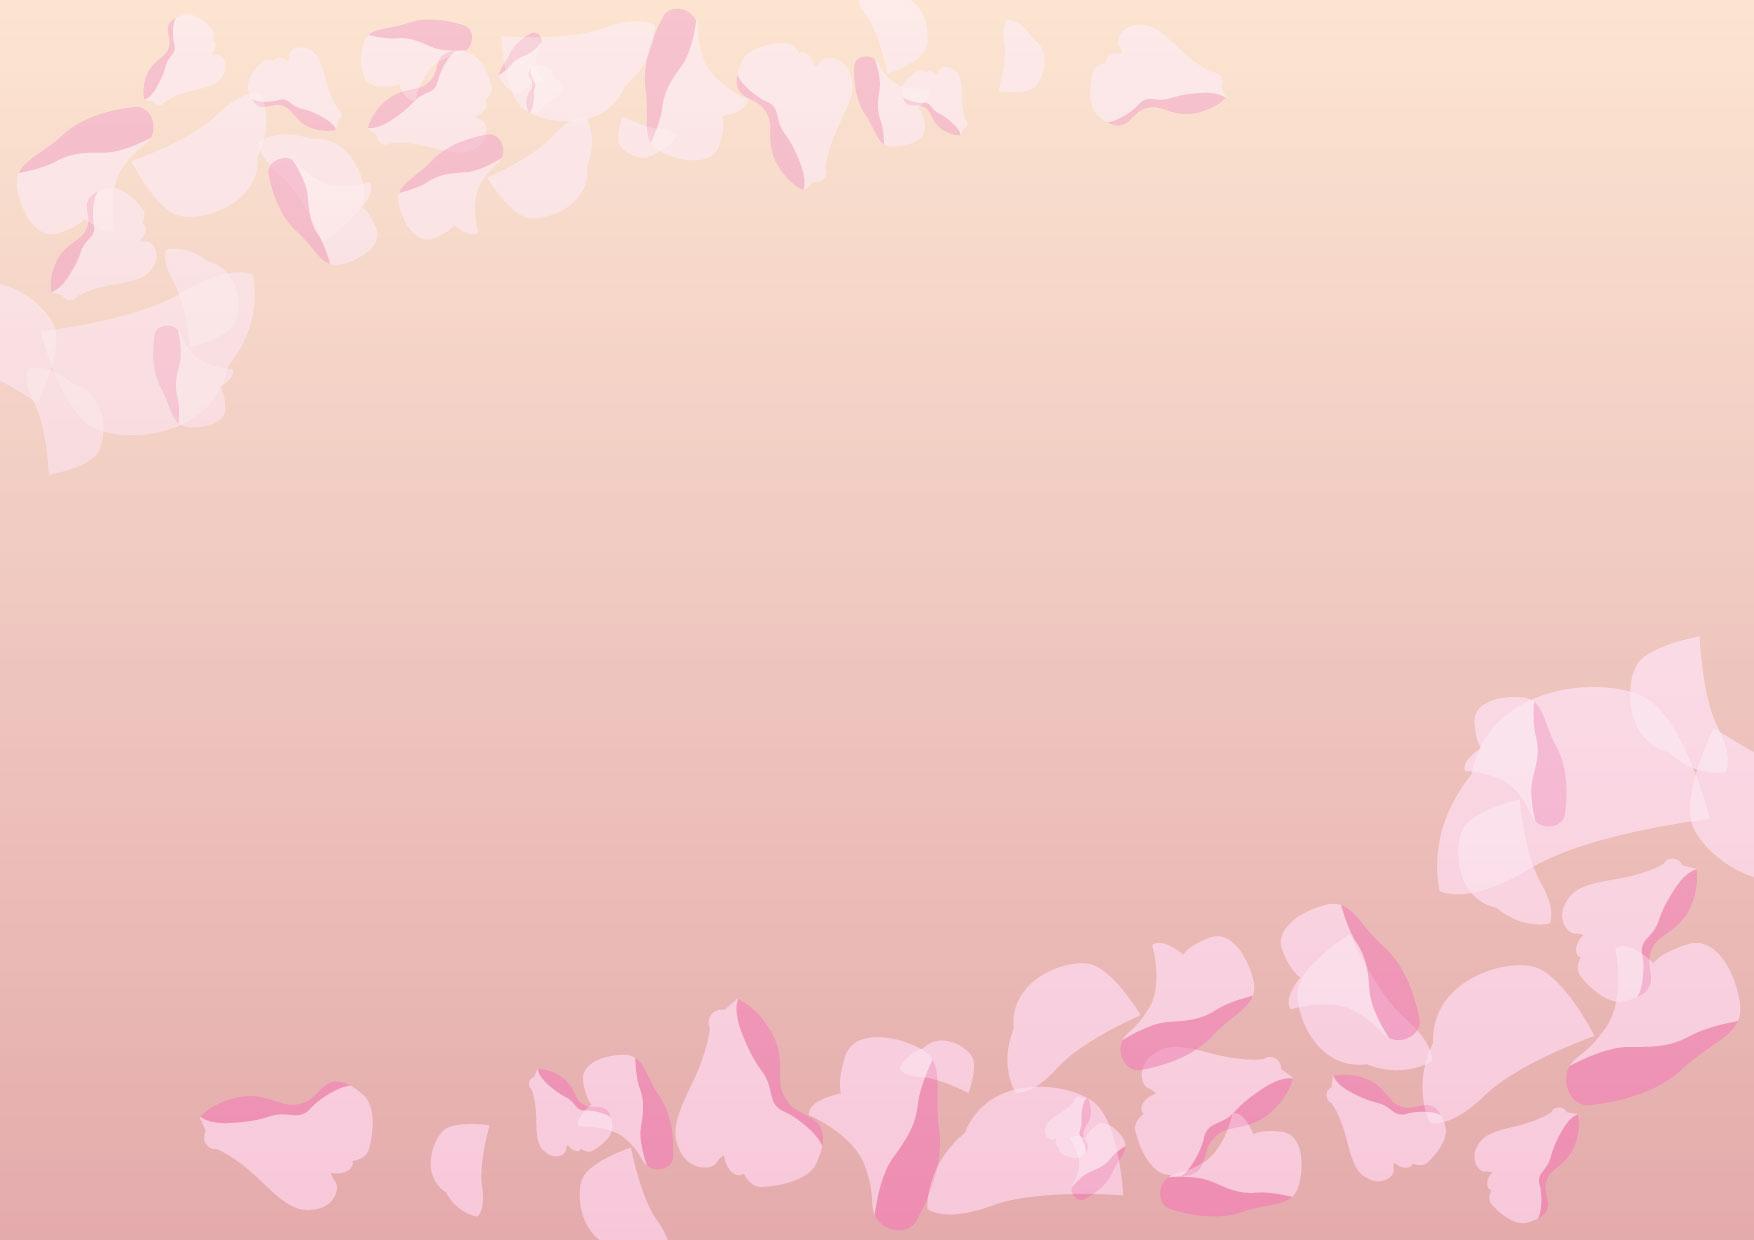 可愛いイラスト無料|背景 花びら ピンク − free illustration Background petals pink